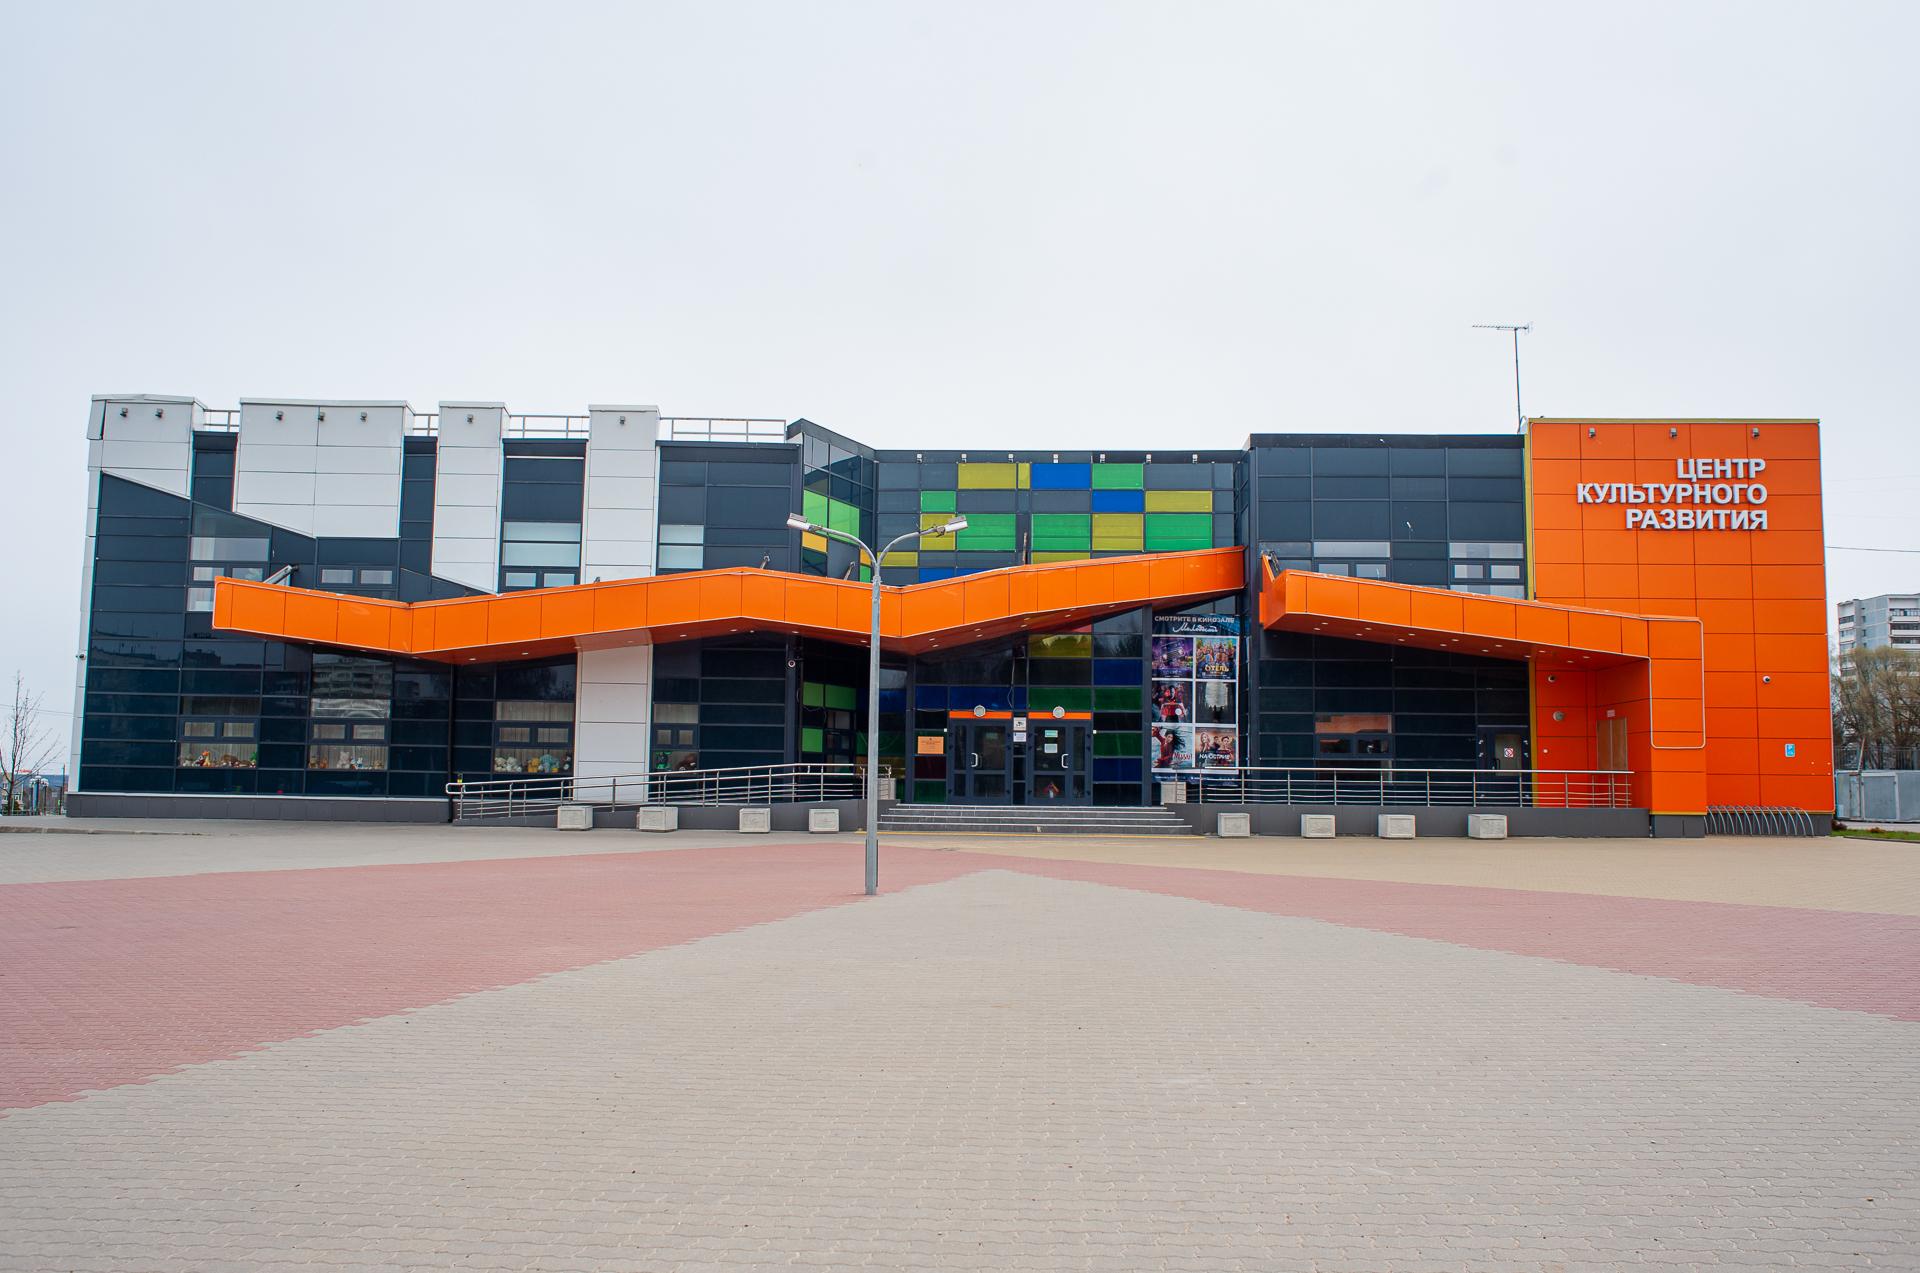 Пущино, Центр культурного развития